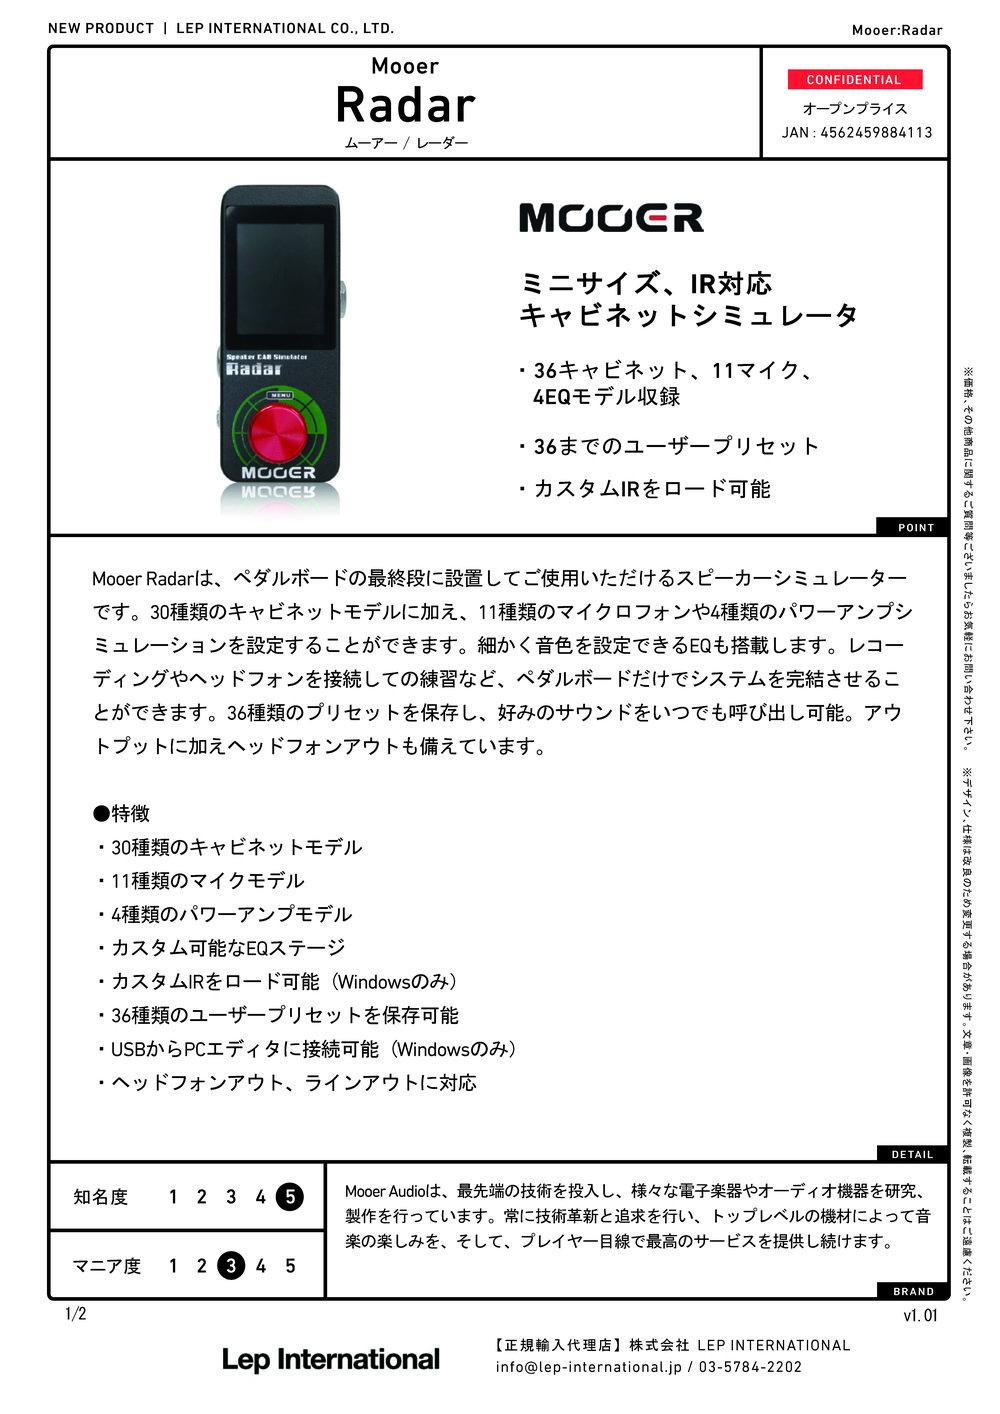 mooer radar v1.01 変更_ページ_1.jpg